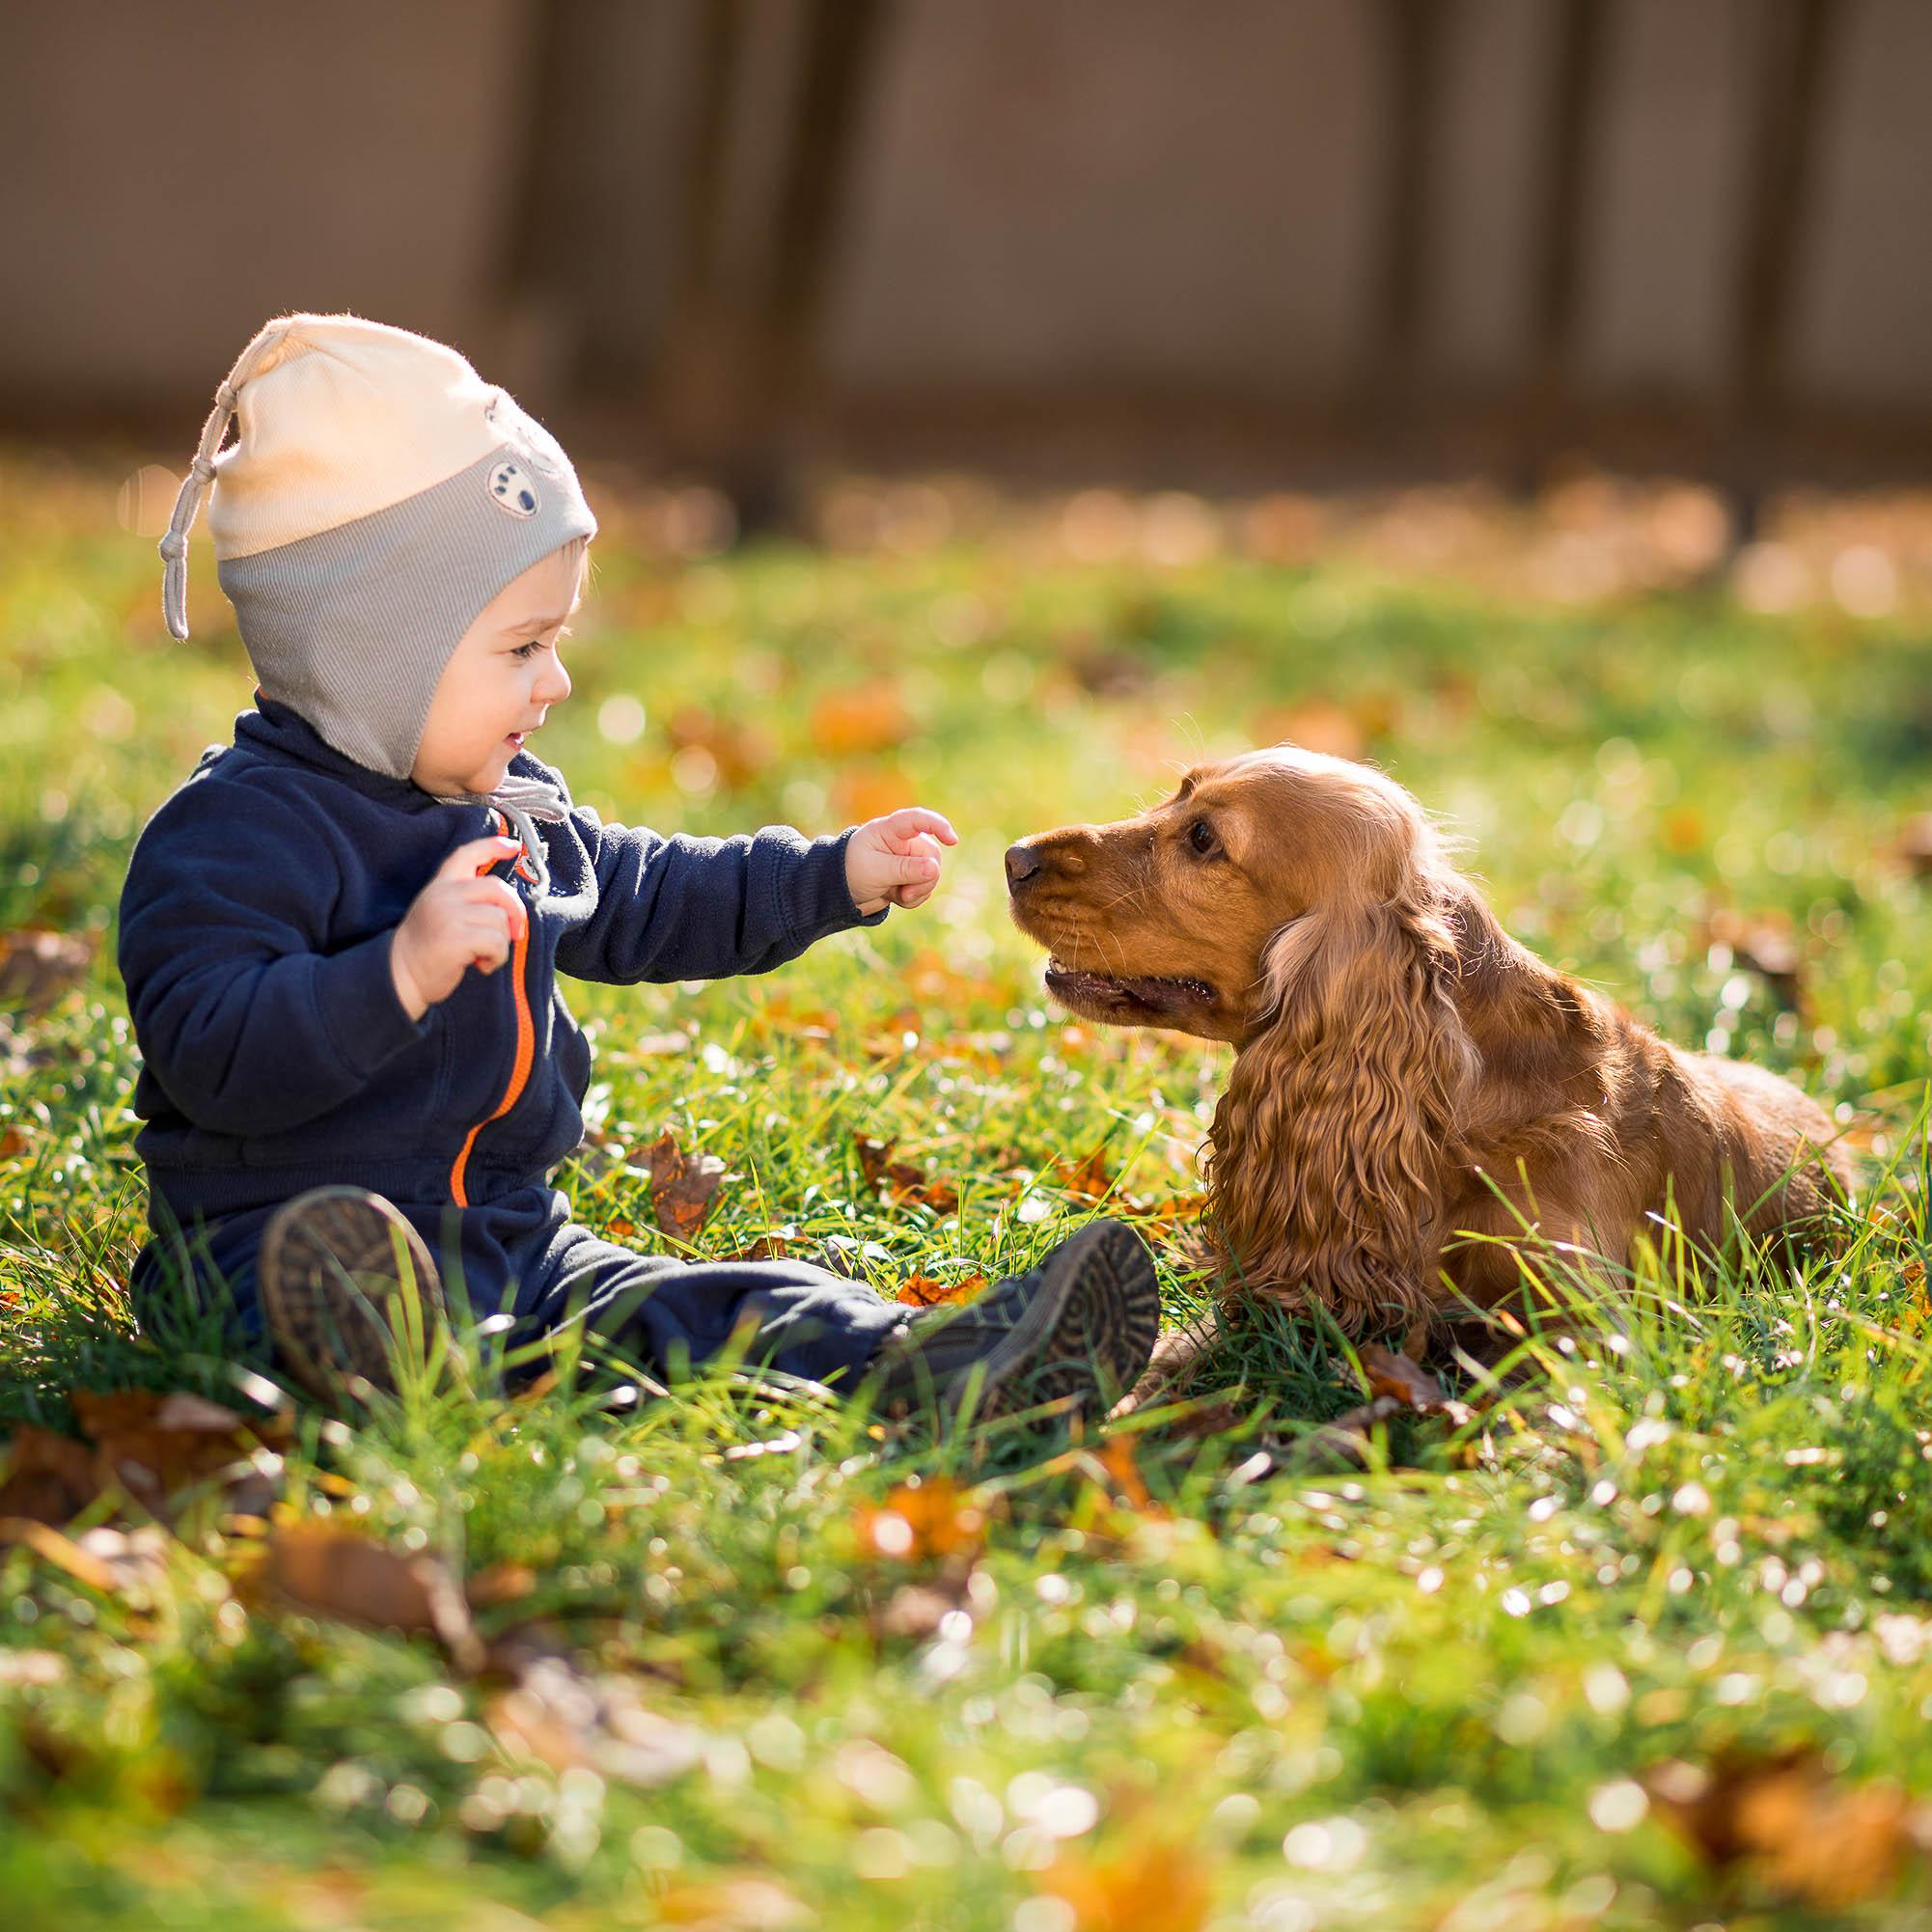 Kleinkind sitzt mit einem Hund auf einer Wiese